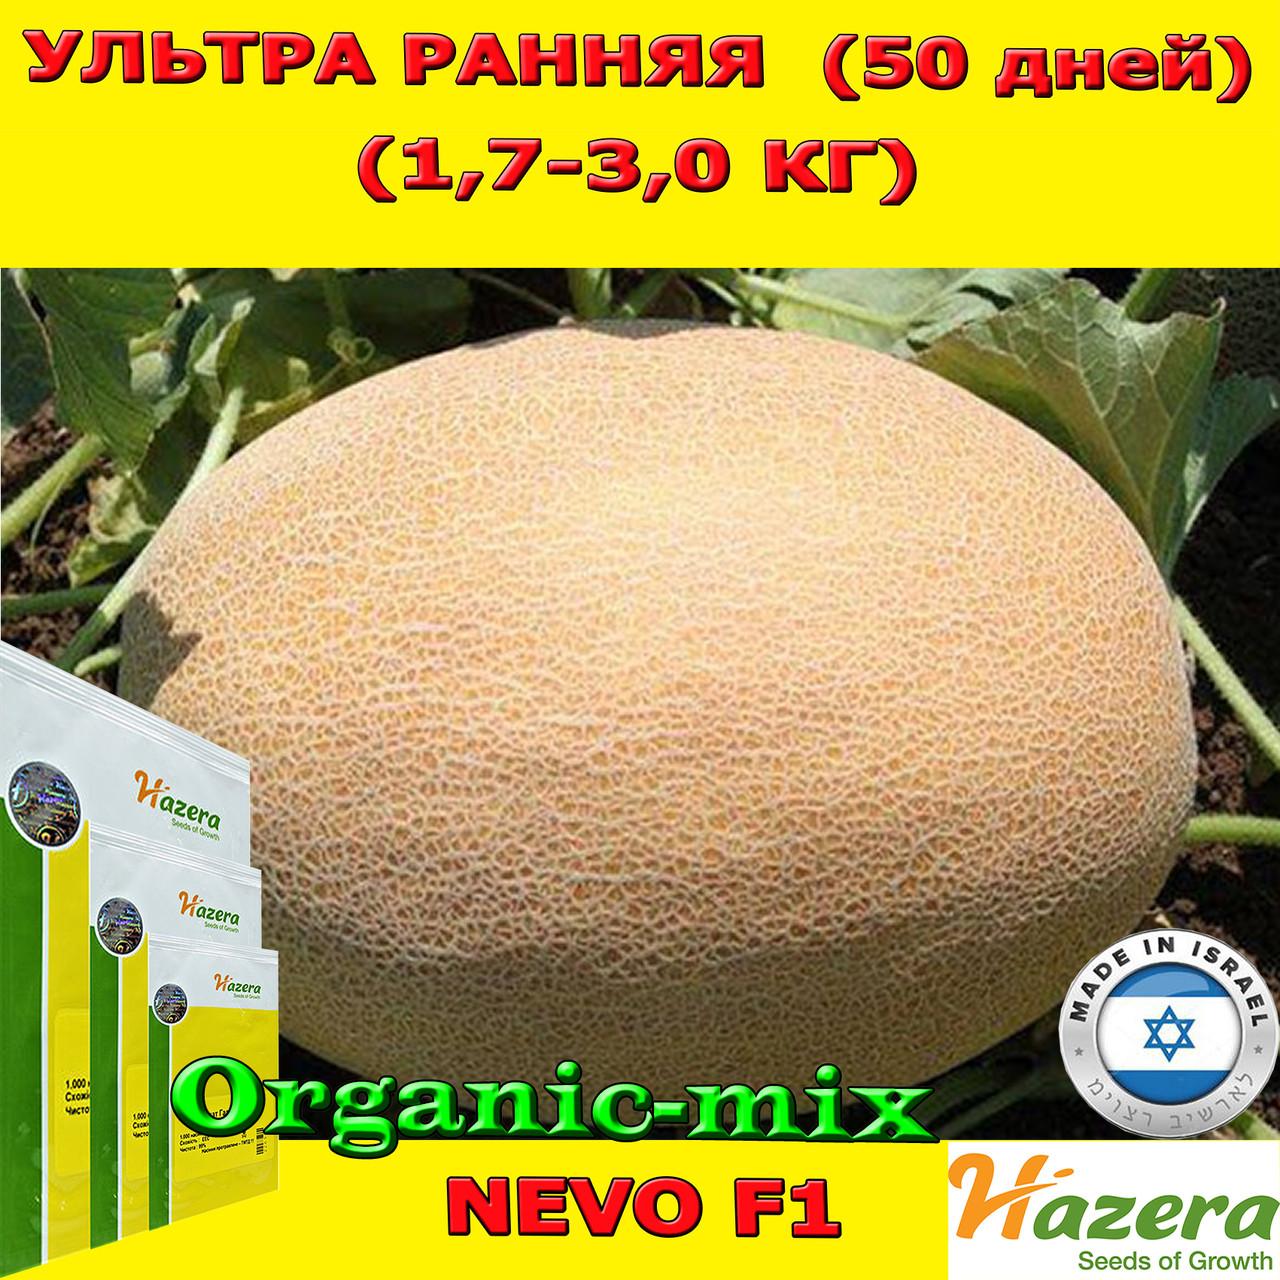 Семена, дыня НЕВО F1 / NEVO F1 ультра ранняя, 5000 семян ТМ Hazera (Израиль)